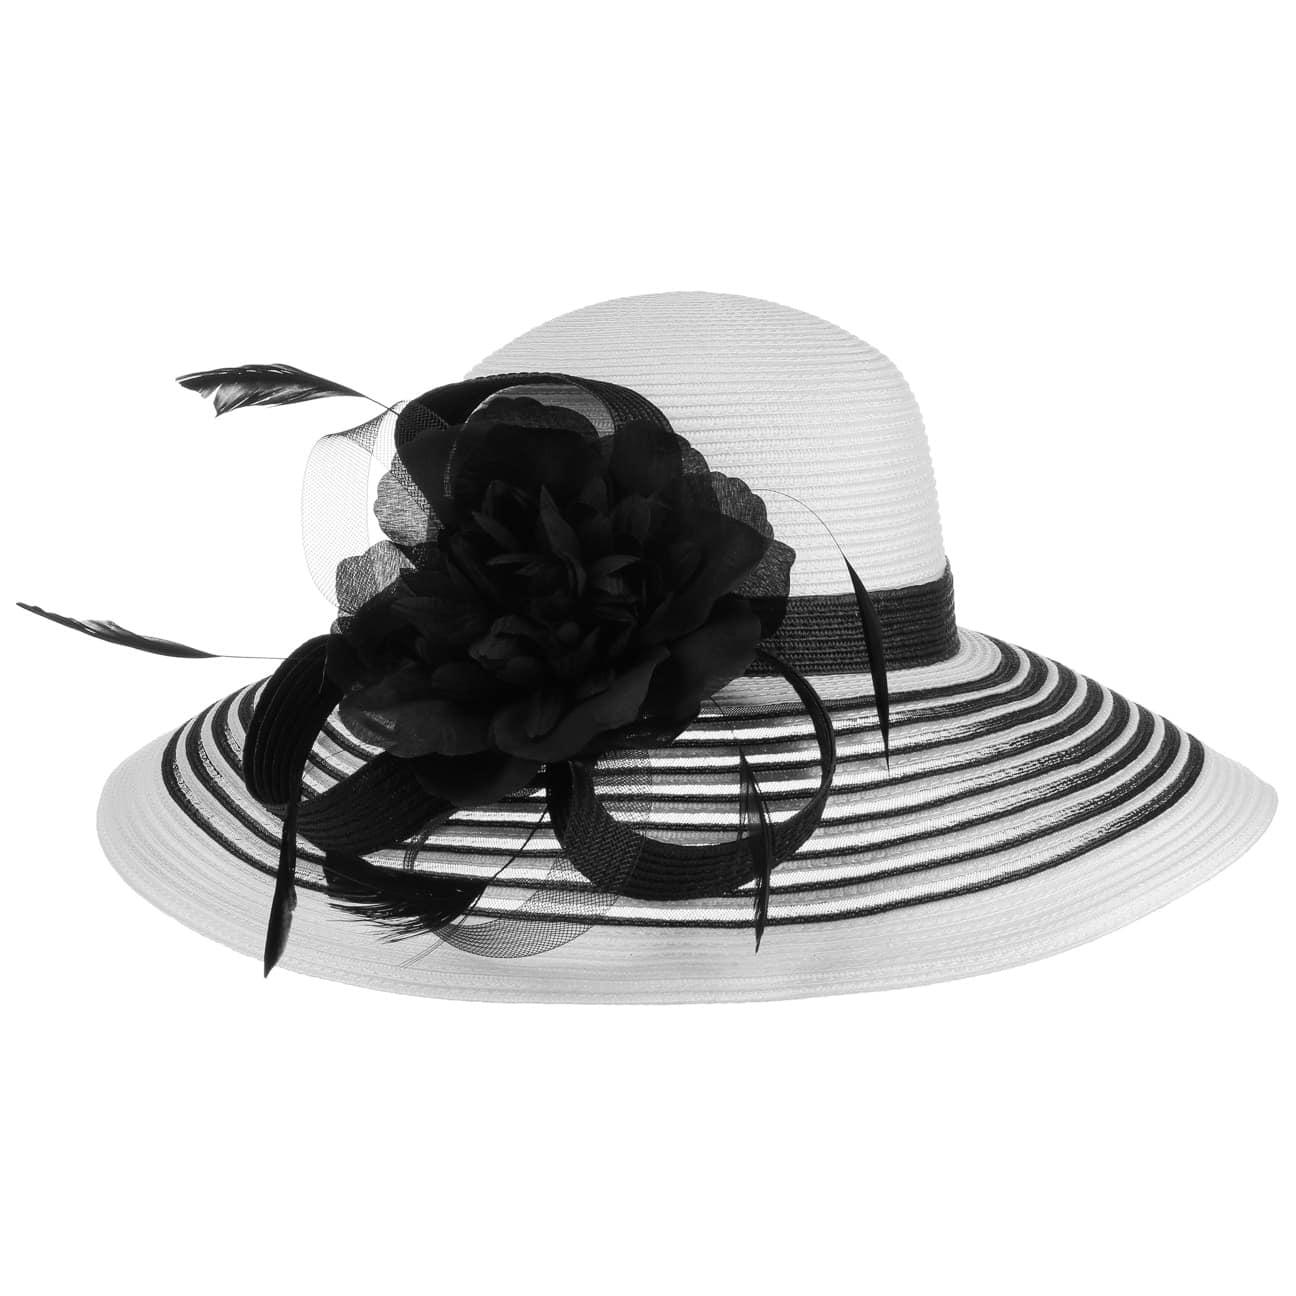 Sombrero de Mujer Lanna Twotone by Betmar  sombrero de sol